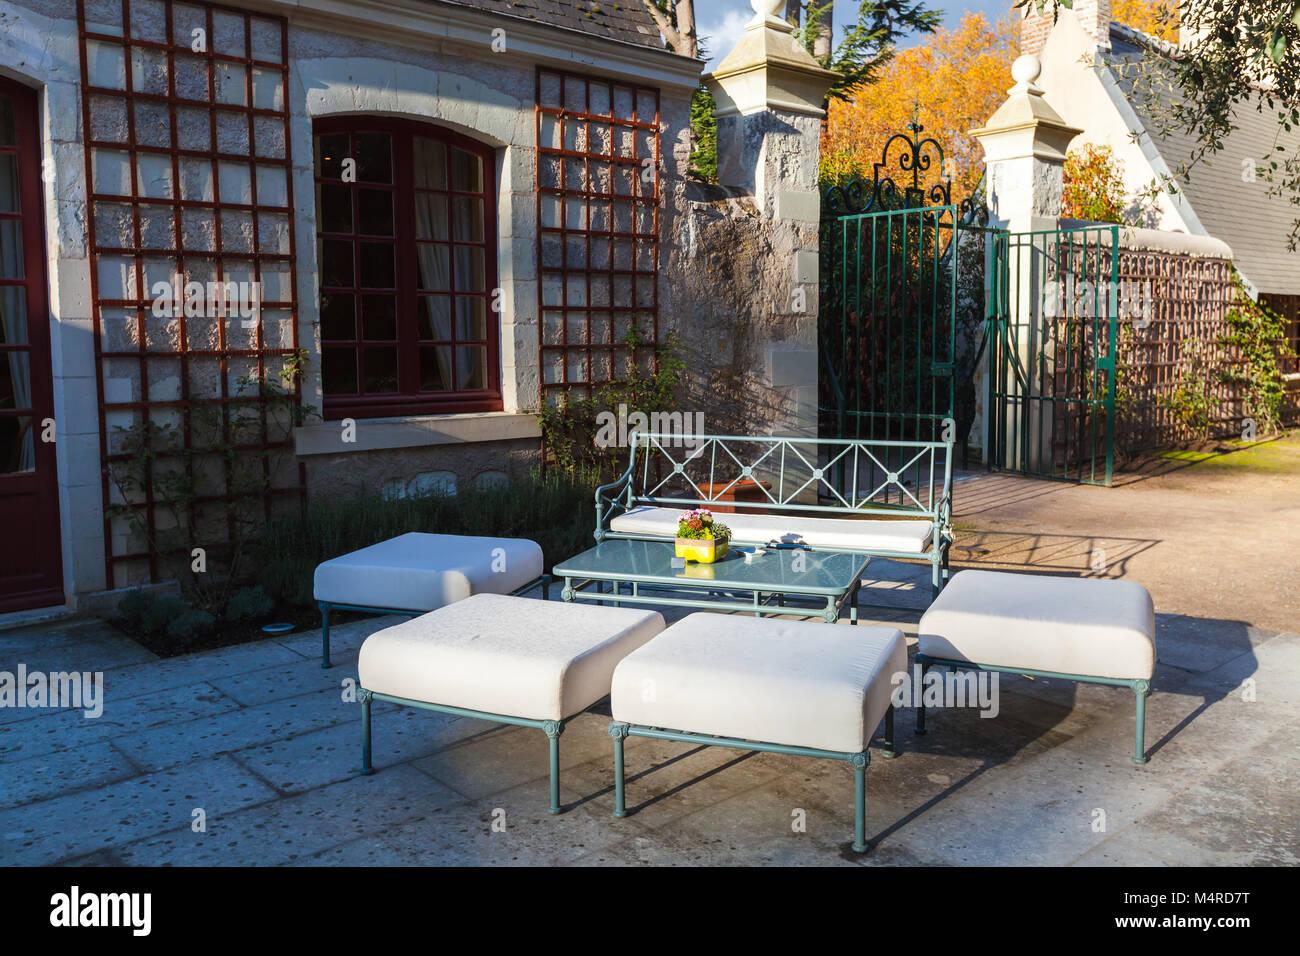 Muebles de exterior, banquetas y sofás están alrededor de una mesa ...